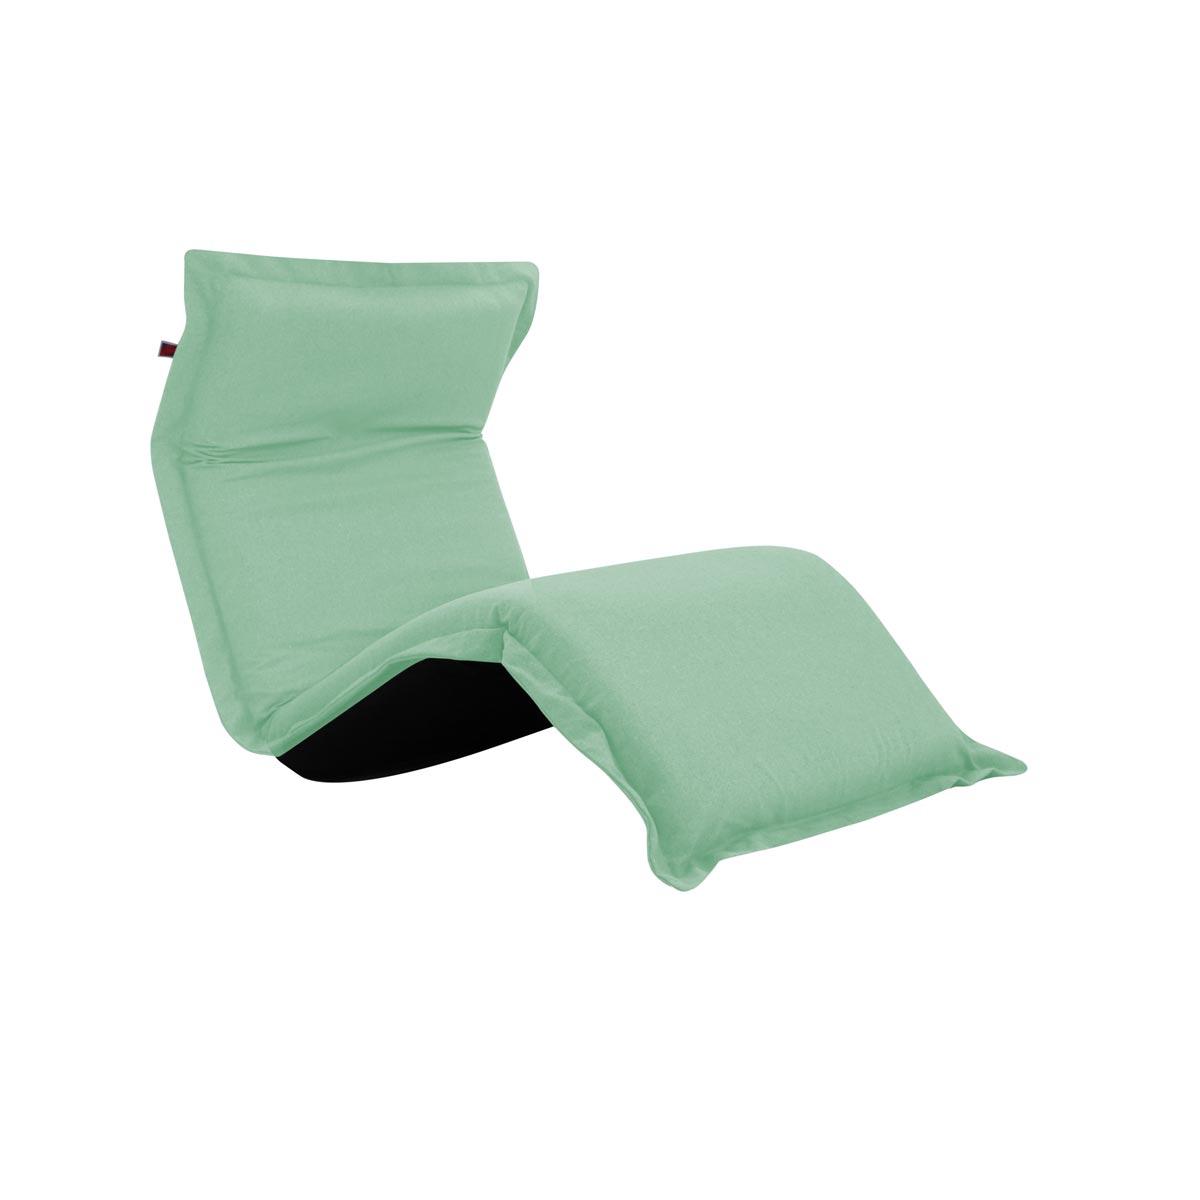 Pufe ClicClac Uno Lounge Tecido Ecolona Verde Menta 02 06